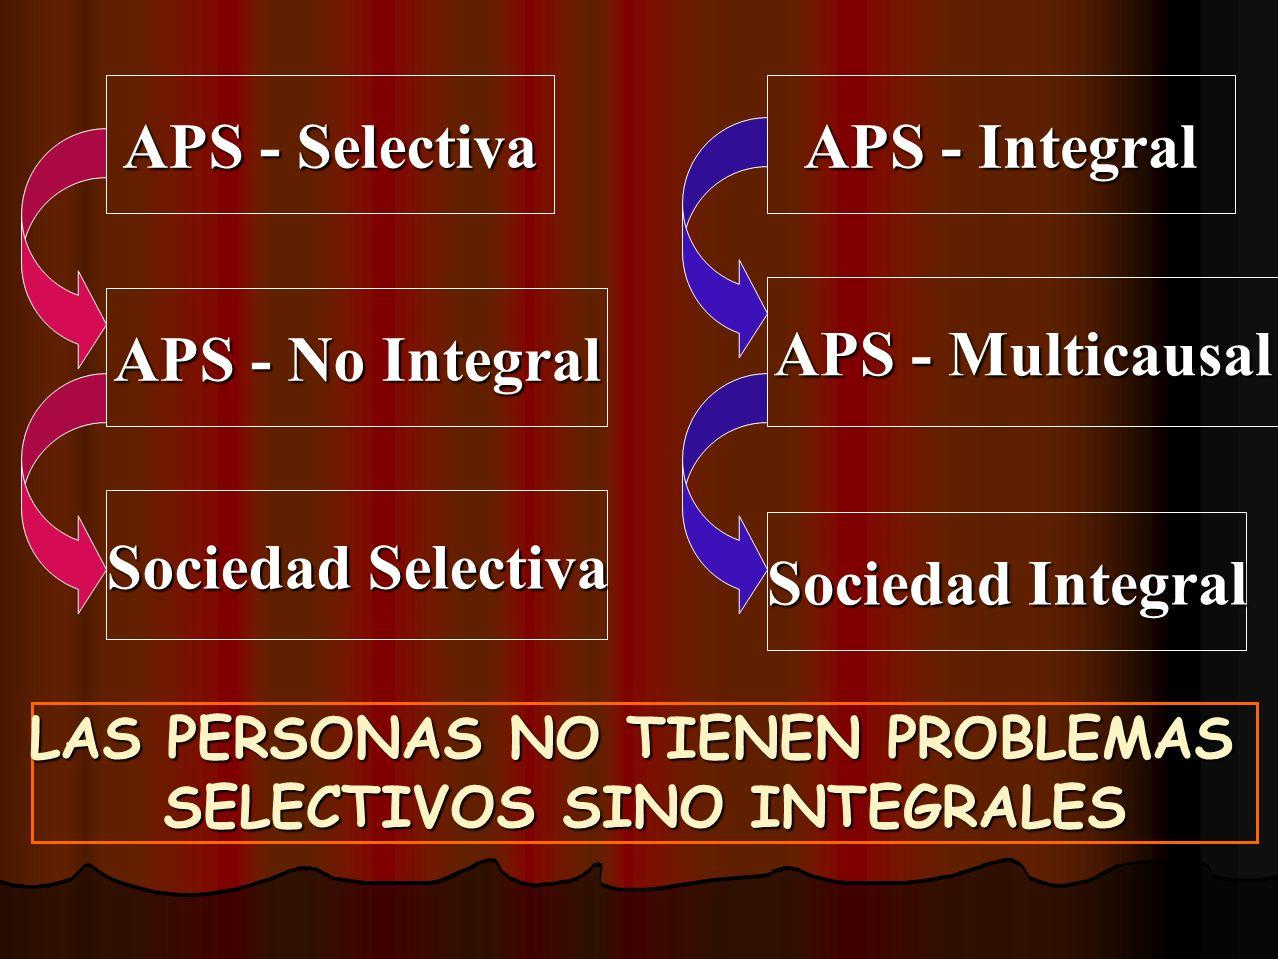 LAS PERSONAS NO TIENEN PROBLEMAS SELECTIVOS SINO INTEGRALES